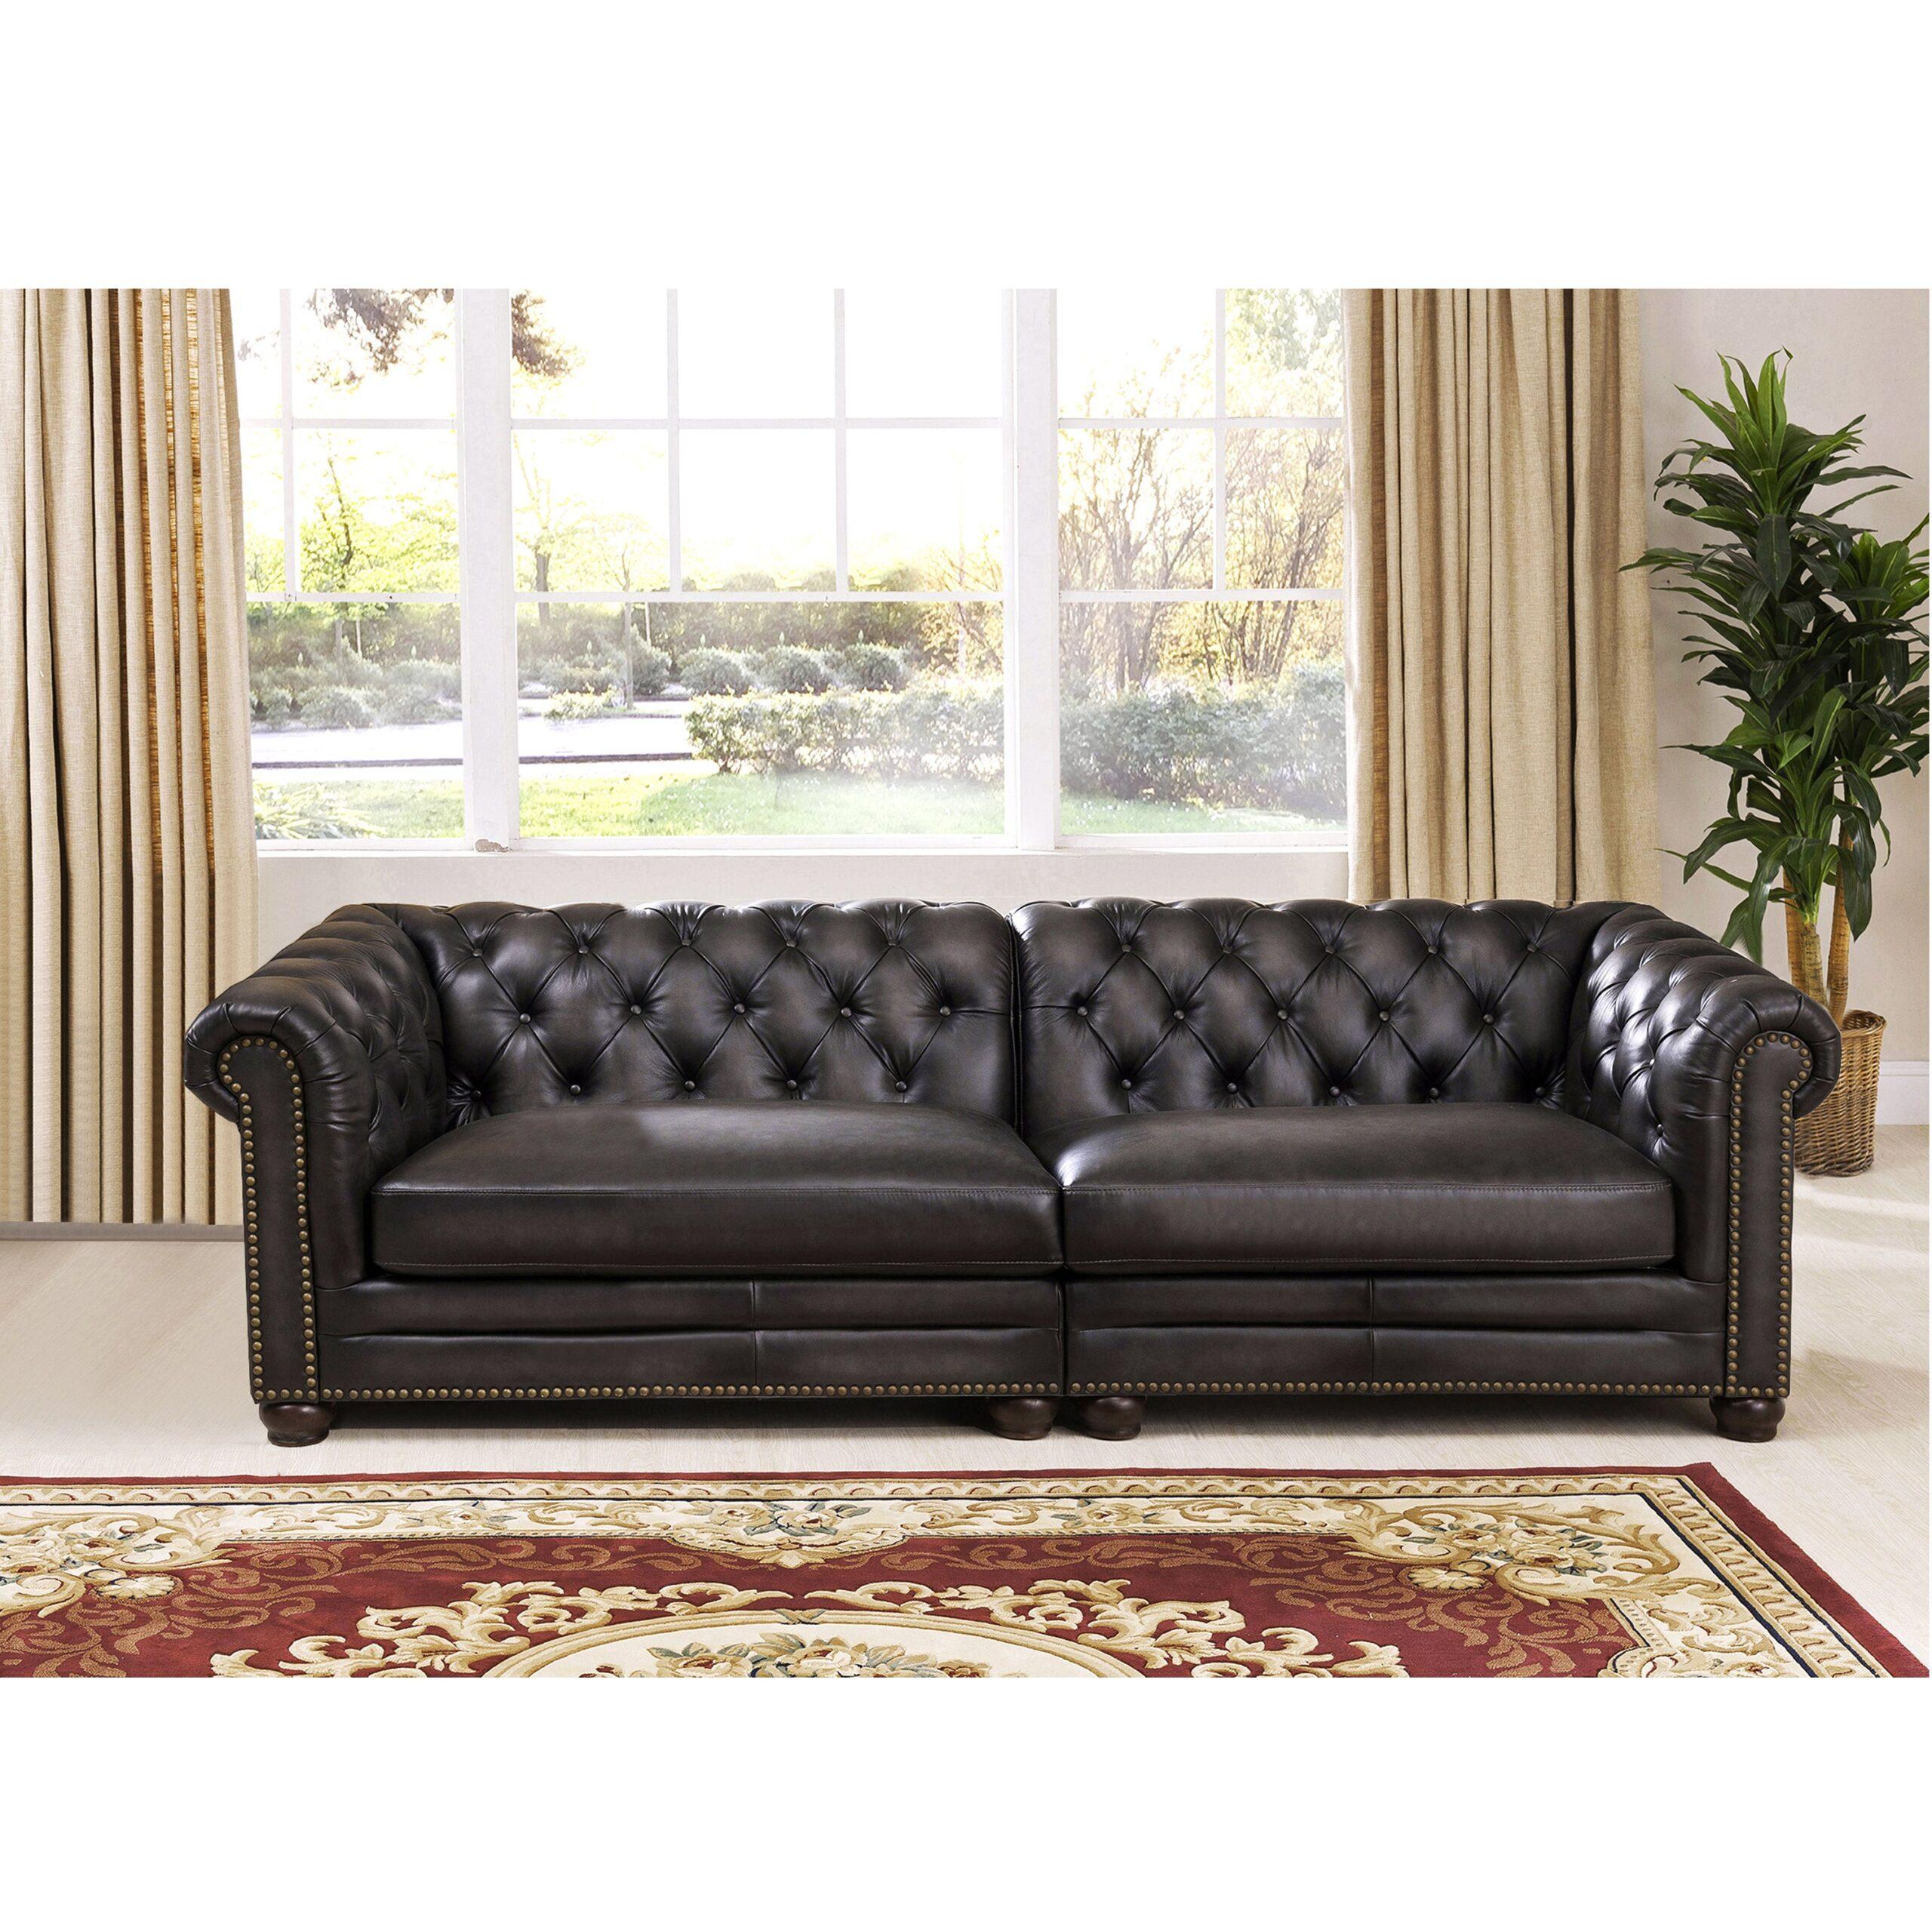 Full Size of Mondo Sofa Shop Premium Top Grain Grey Tufted Leather 100 Inch Zweisitzer Grünes Günstig Microfaser Englisch Mit Bettfunktion Wk 2 5 Sitzer Abnehmbarer Bezug Sofa Mondo Sofa